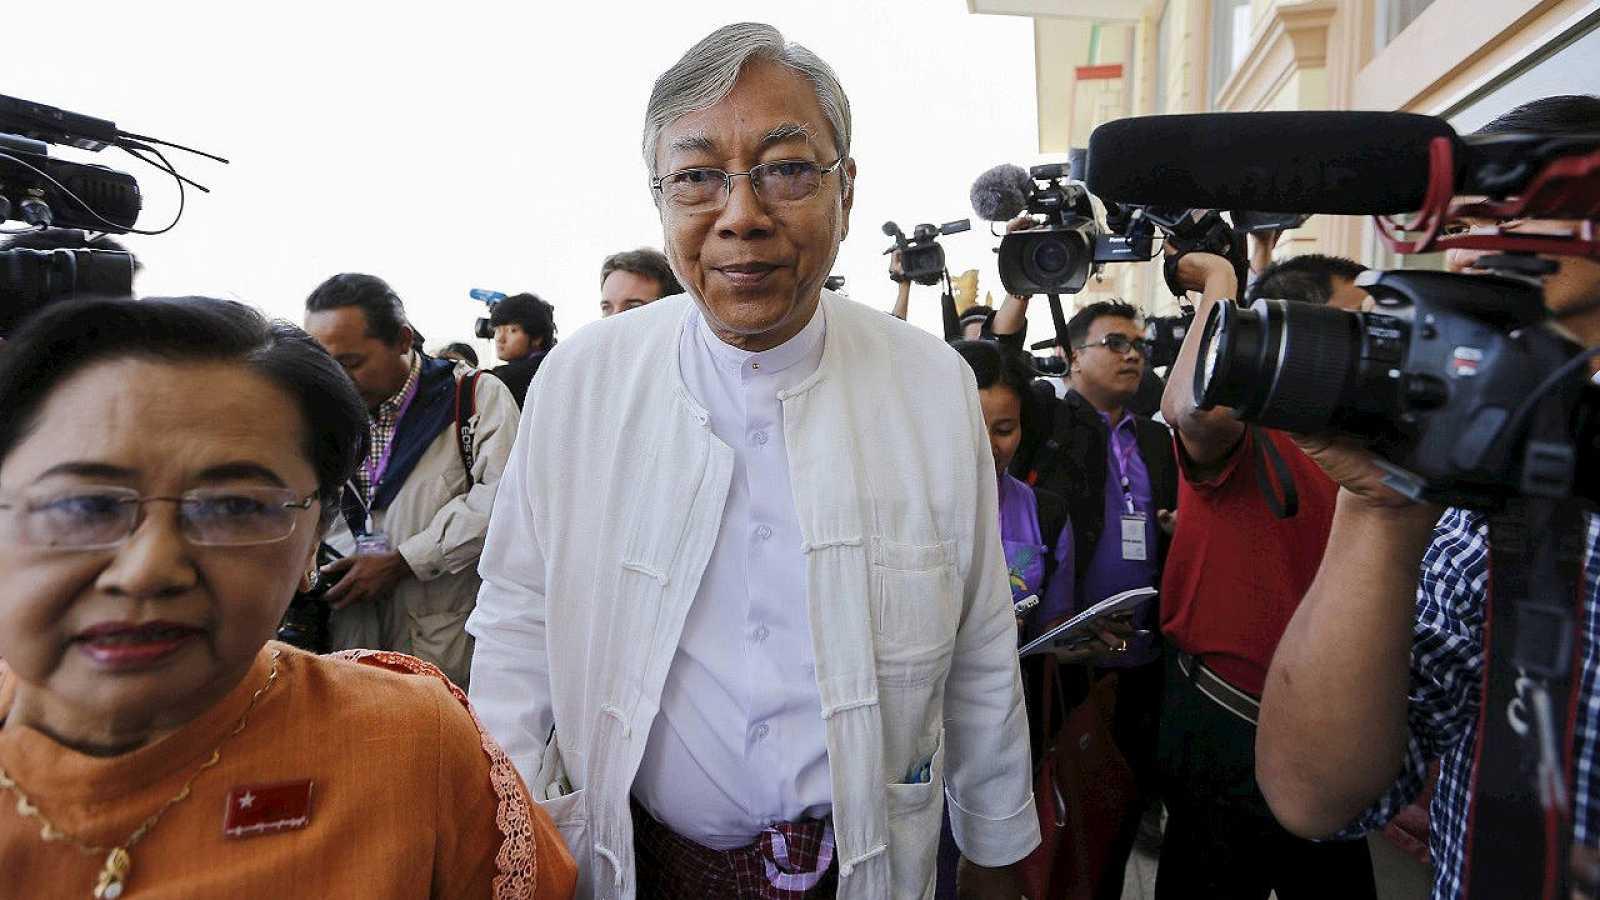 Htin Kyaw, en el centro, nuevo presidente de Birmania, en una foto de archivo (1 de febrero de 2016). REUTERS/Soe Zeya Tun/Files